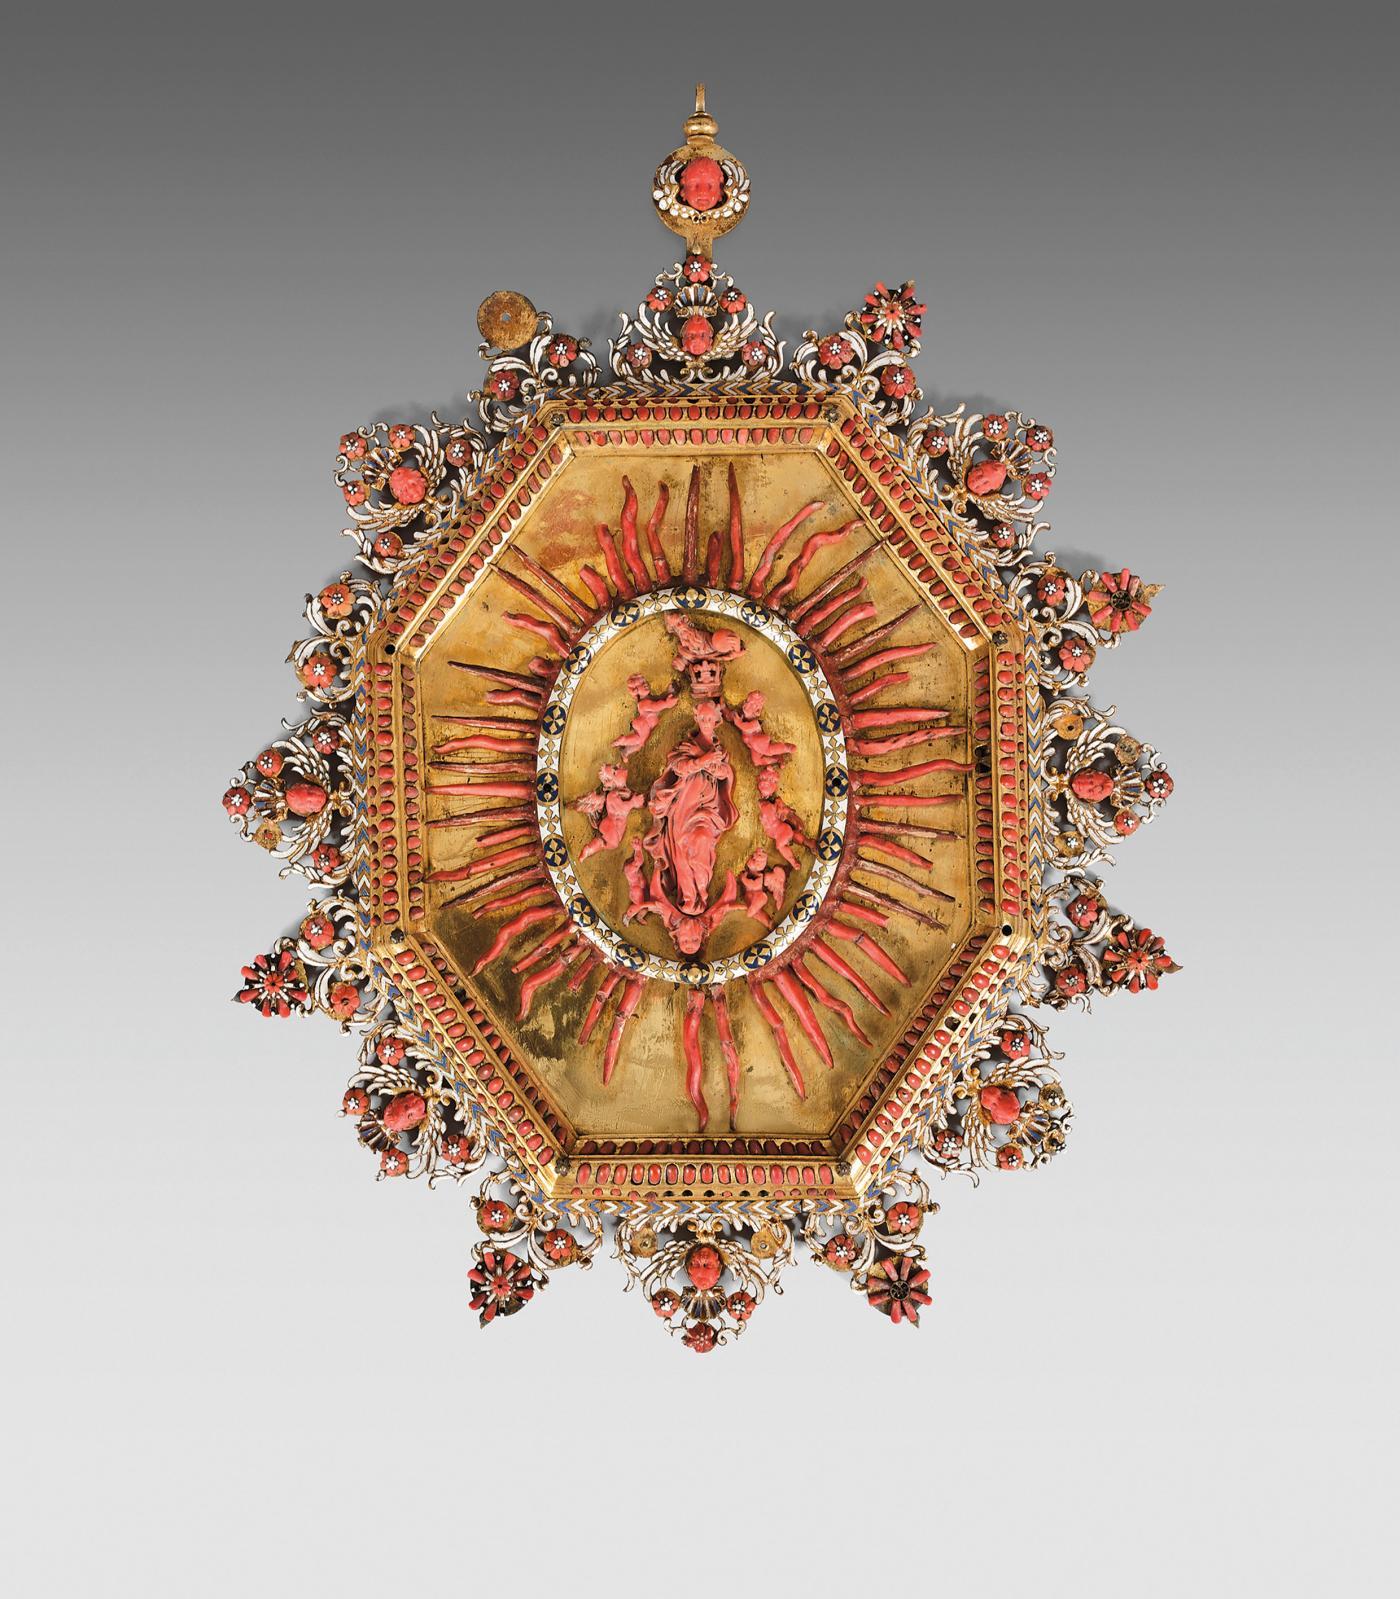 Trapani, Sicile, début du XVIIesiècle. Grand médaillon à suspendre en laiton doré orné d'une Assomption de la Vierge en corail, inscrite